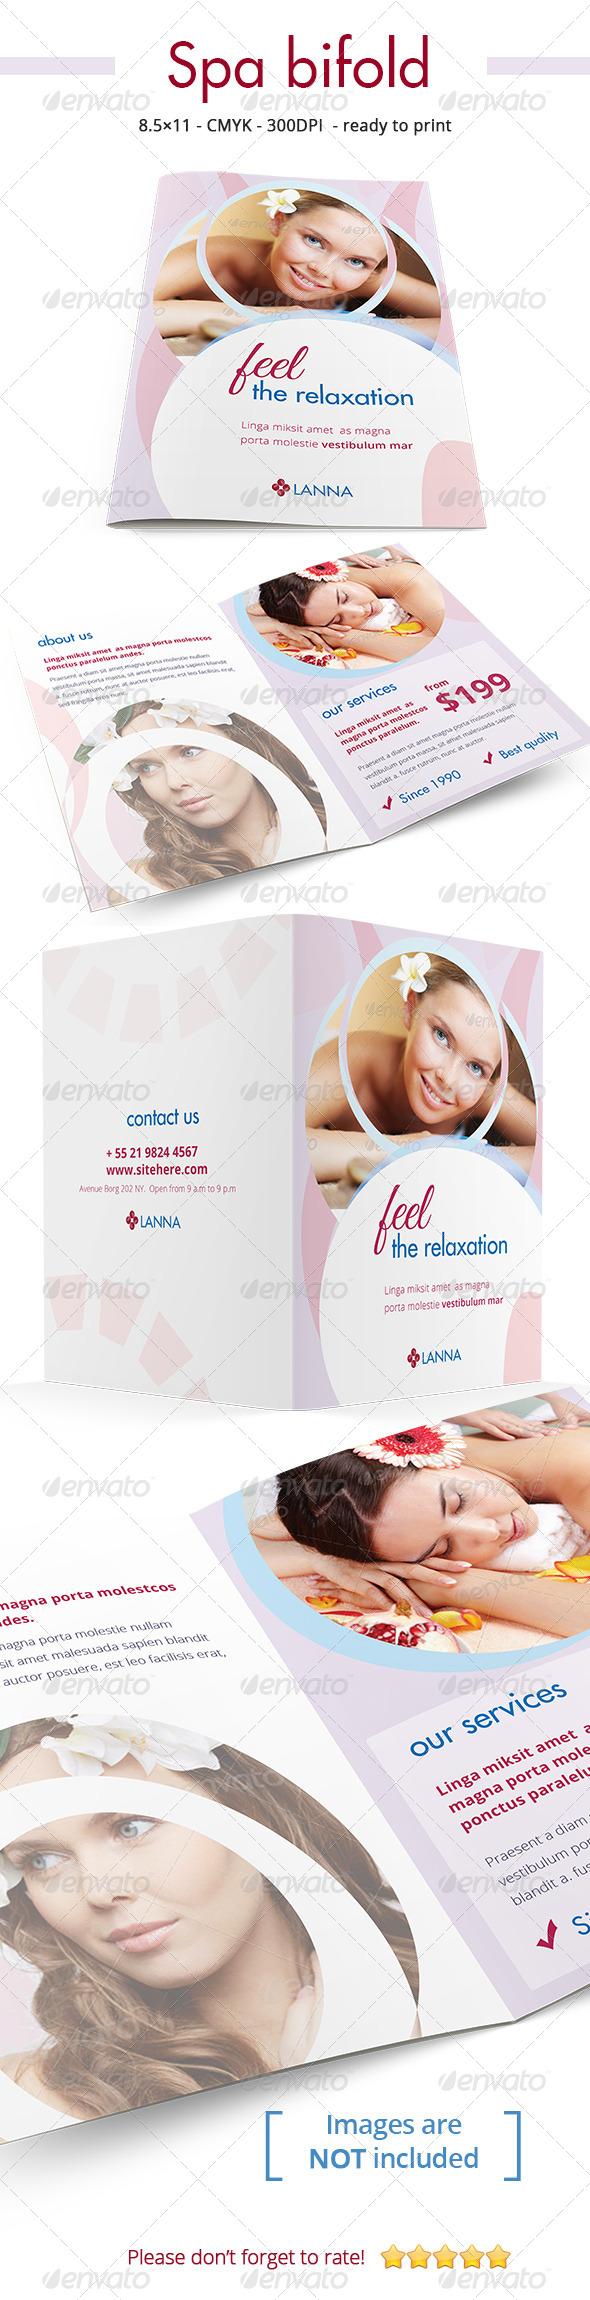 GraphicRiver Premium Spa Bi-fold 7017527